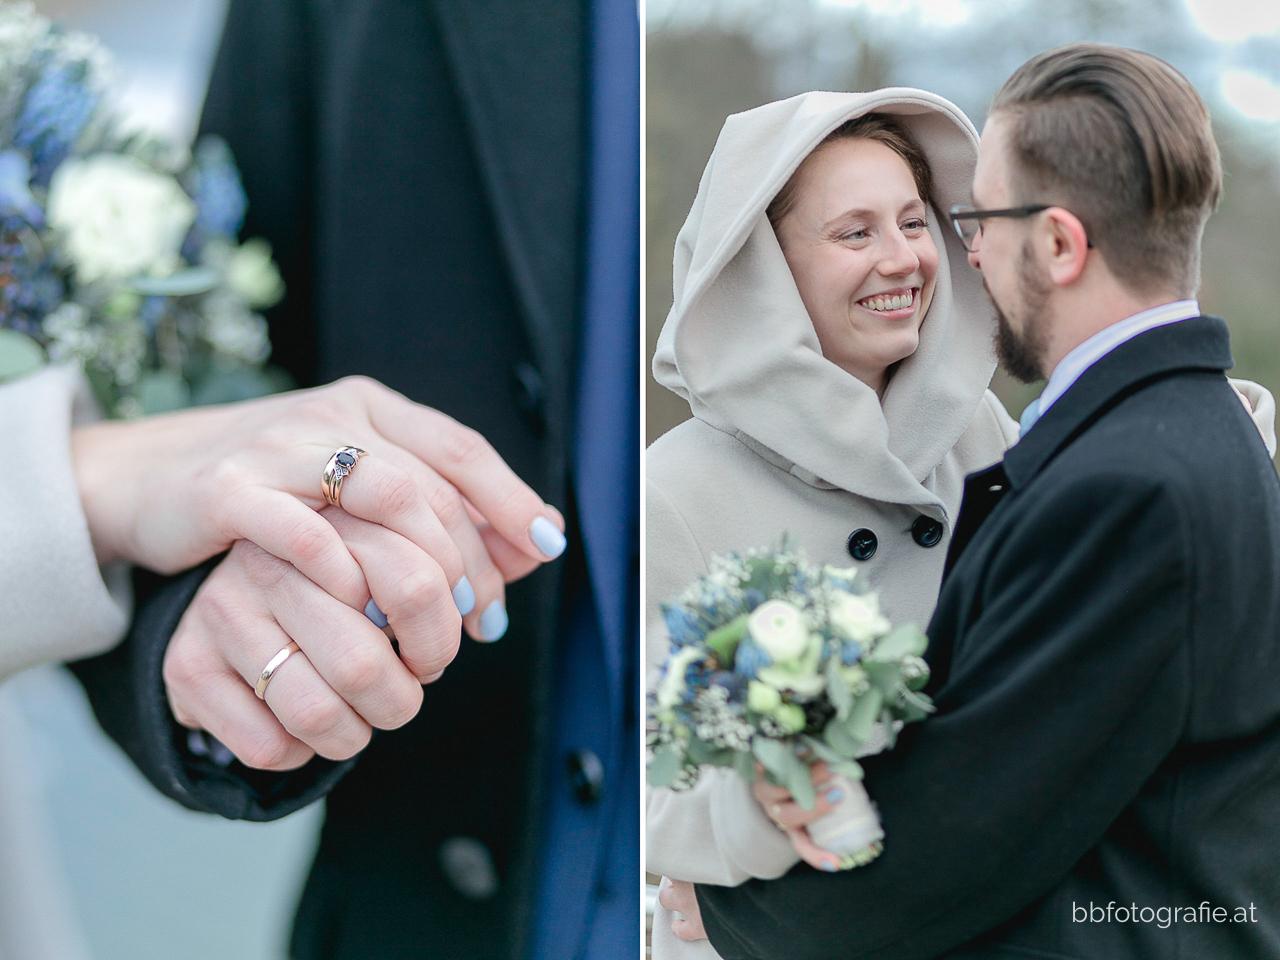 Hochzeitsfotograf, Hochzeitsfotograf Niederösterreich, Hochzeitslocation Niederösterreich, Winterhochzeit, Brautpaar, Paarshooting, Hochzeitslocation Schloss an der Eisenstrasse, b&b fotografie